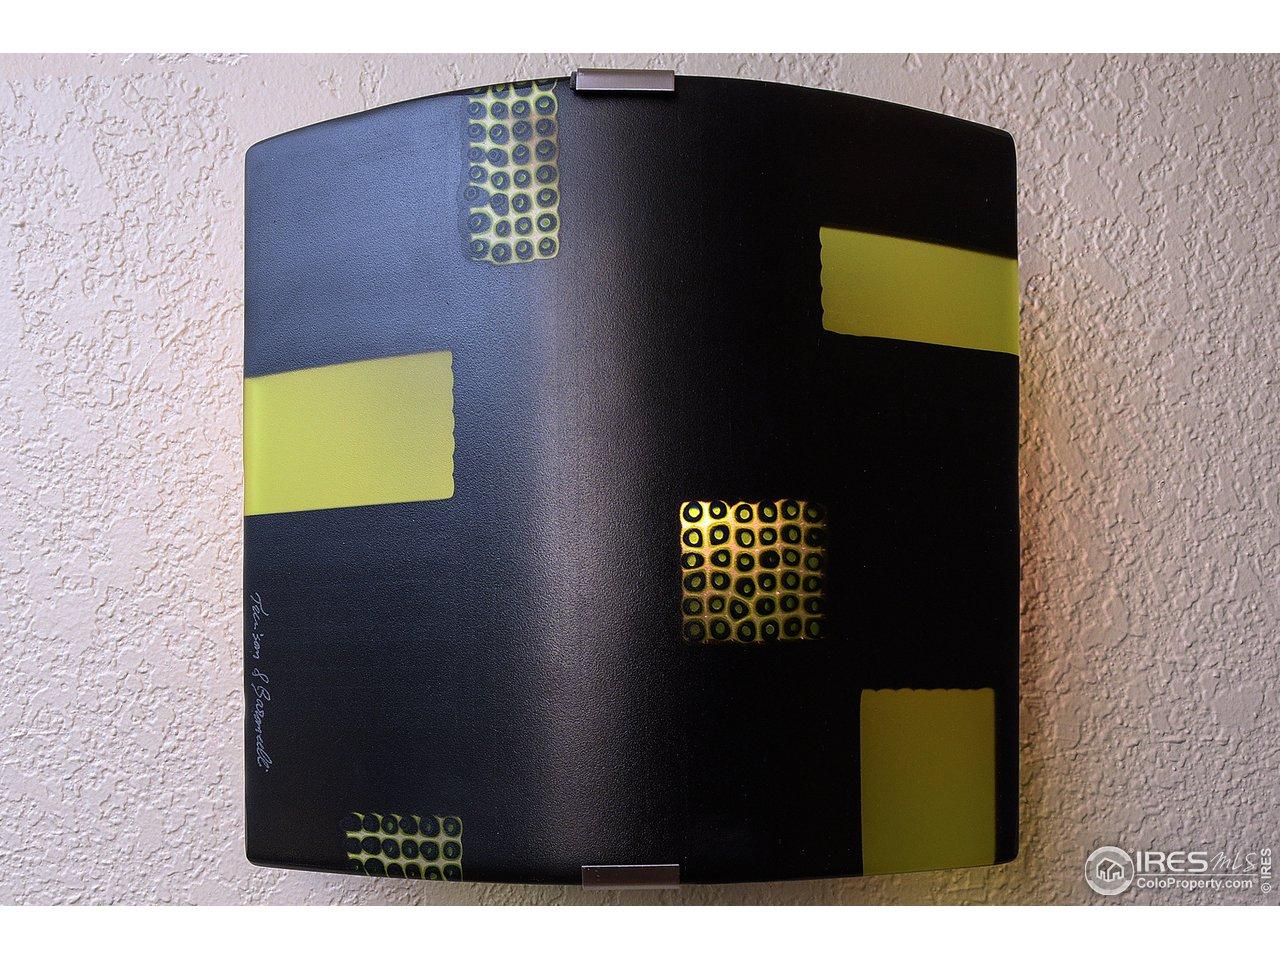 Designer Light!